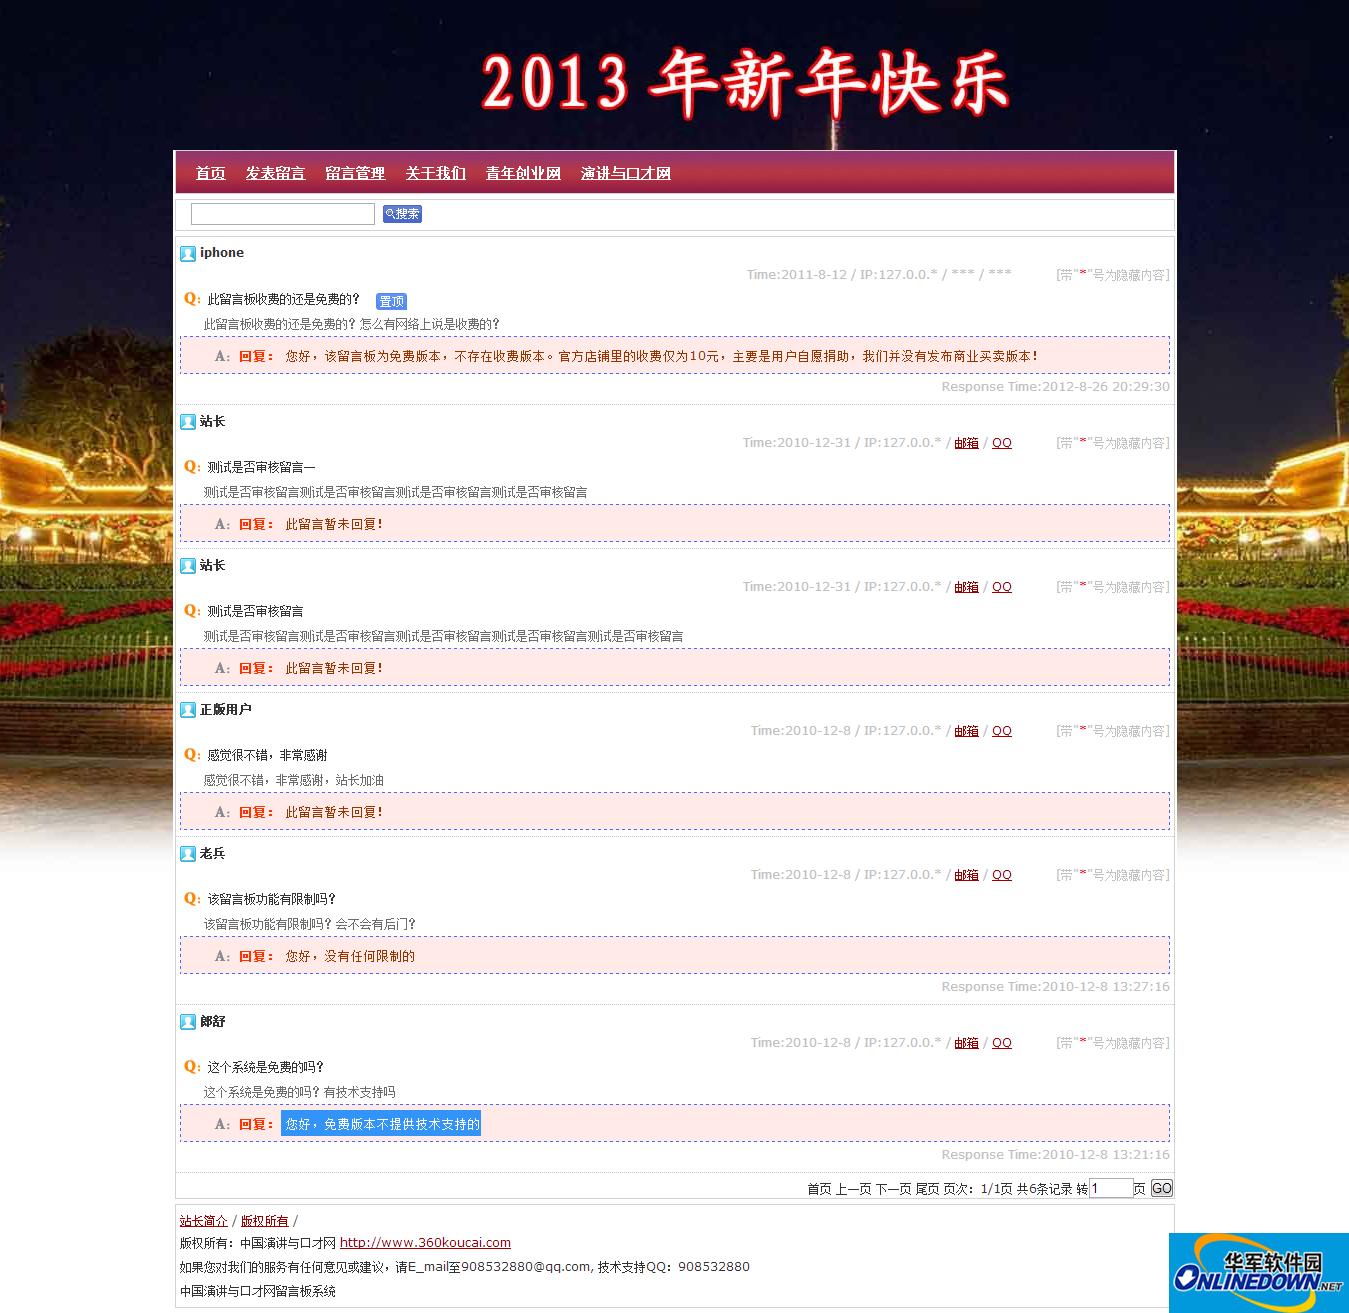 中国演讲与口才网留言板 PC版